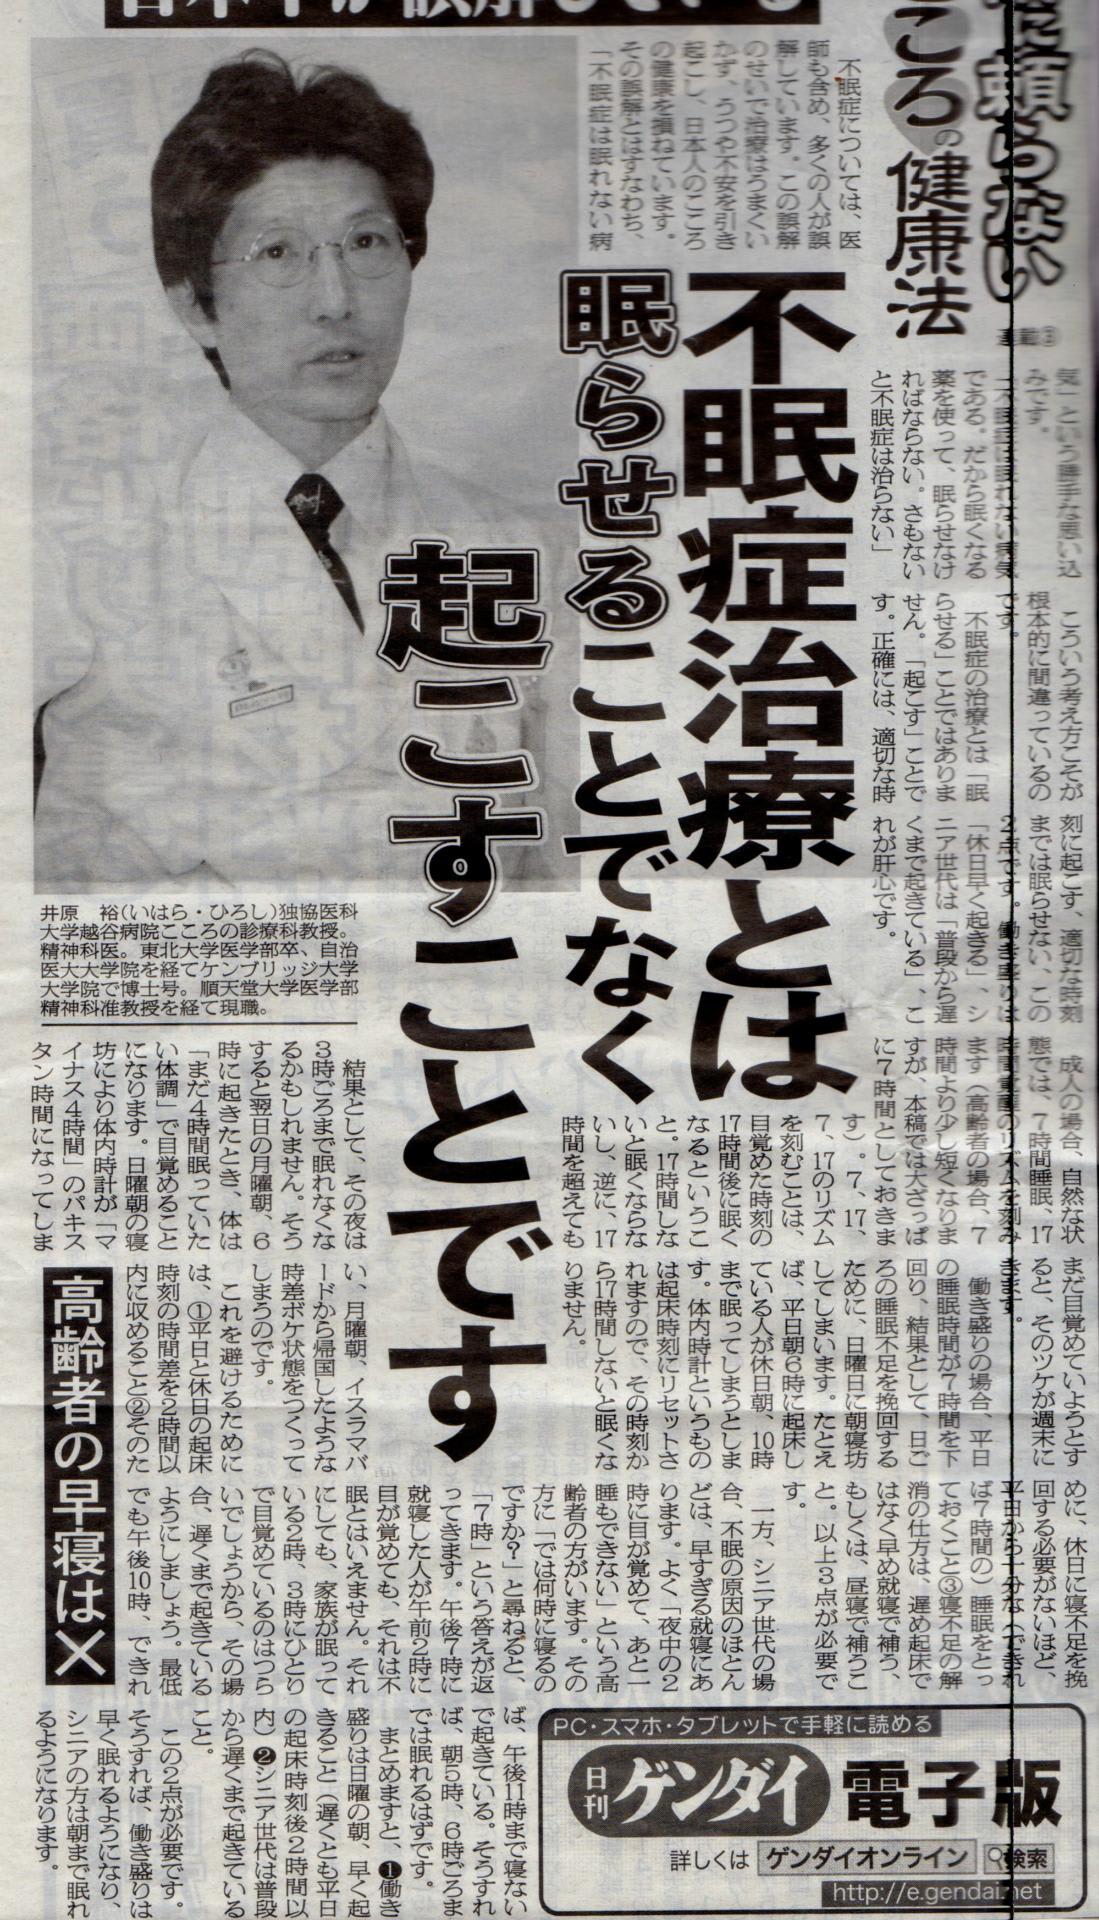 井原裕医師 / 「不眠治療とは――...